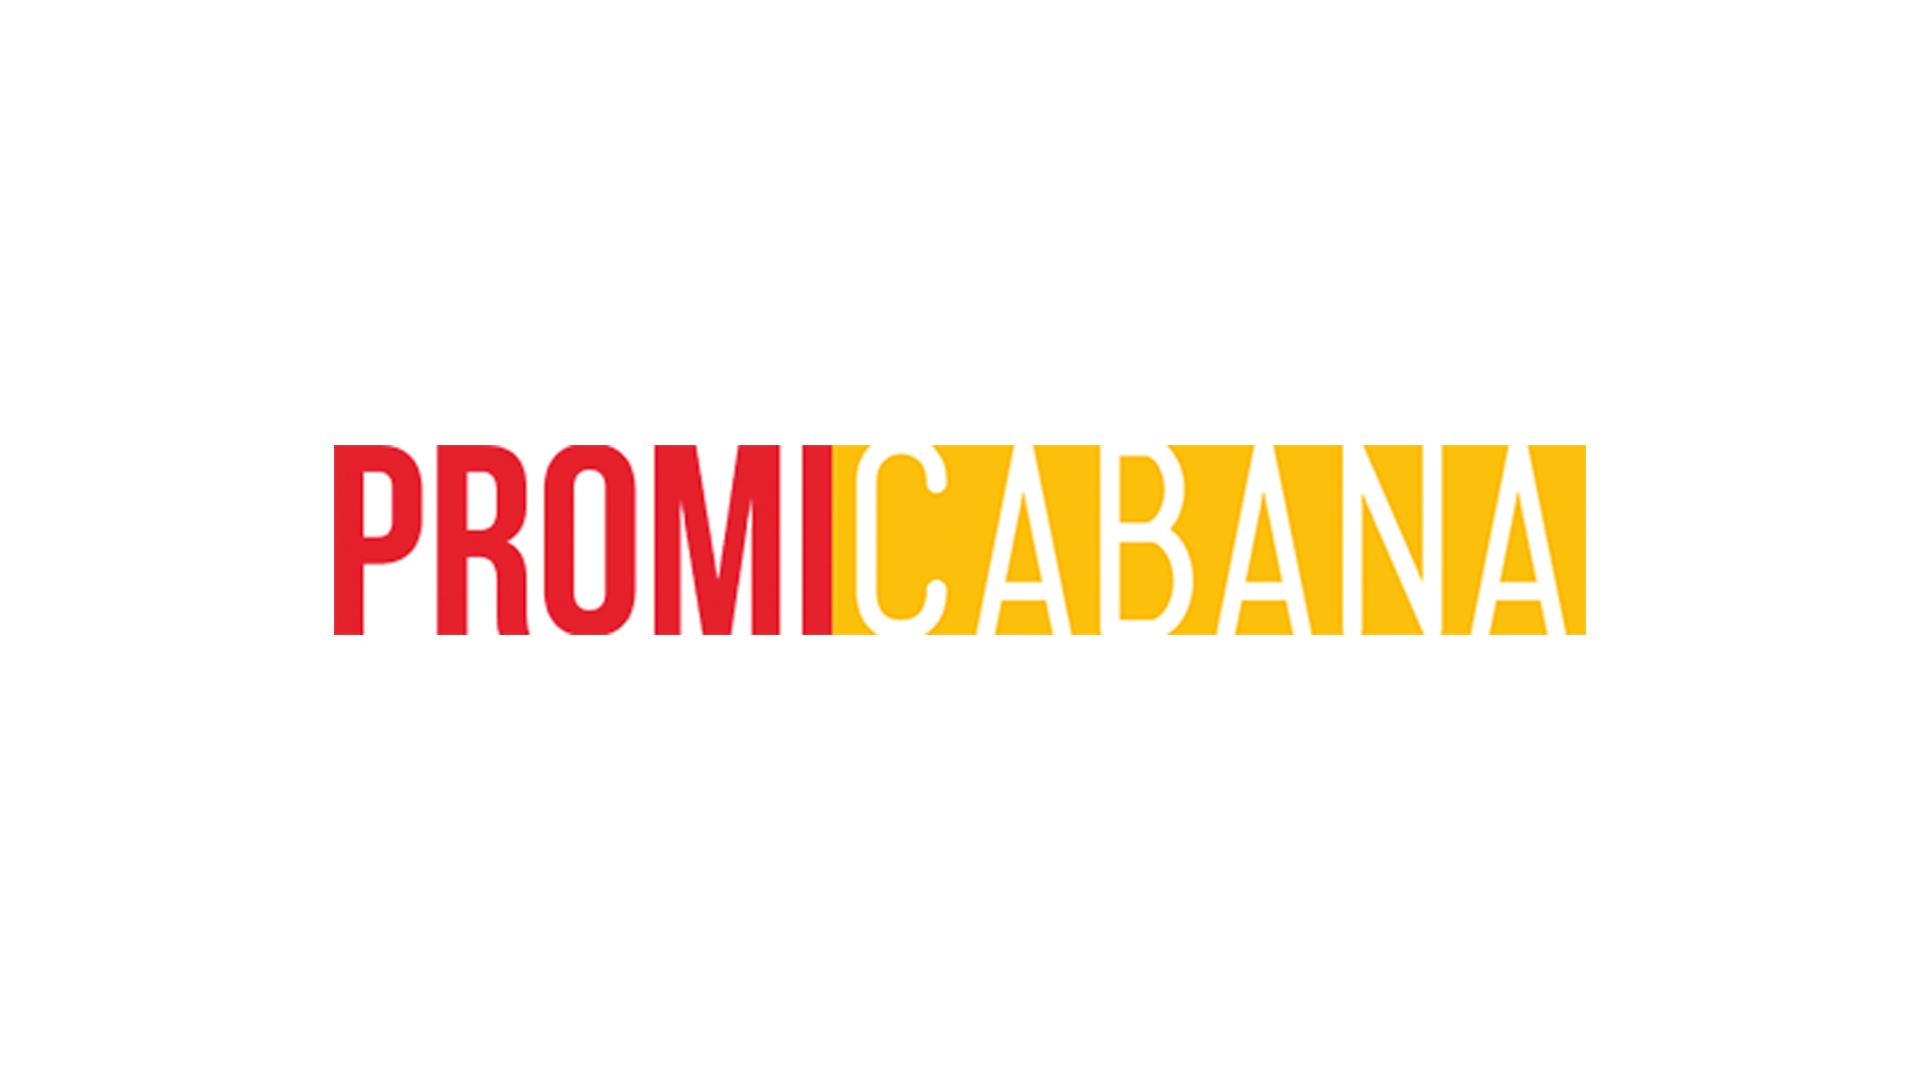 Matt-Damon-Jimmy-Kimmel-Therapie